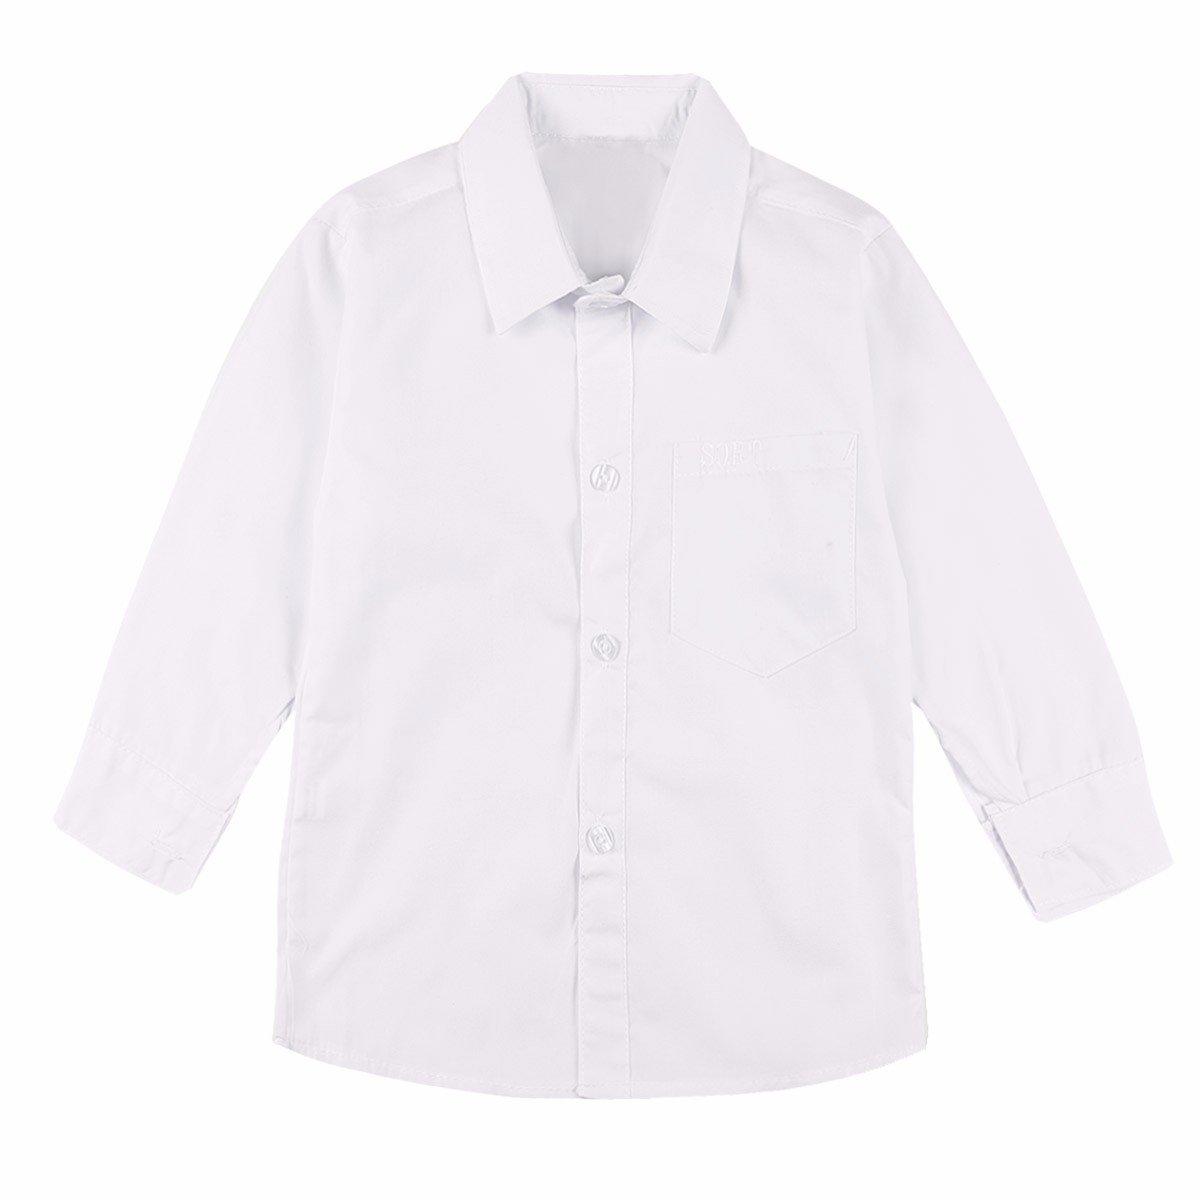 YiZYiF Bébé Enfant Garçons Chemise Blanche à Manches Longues Chemise A Col Rond De Mariage Baptême 2-15 Ans